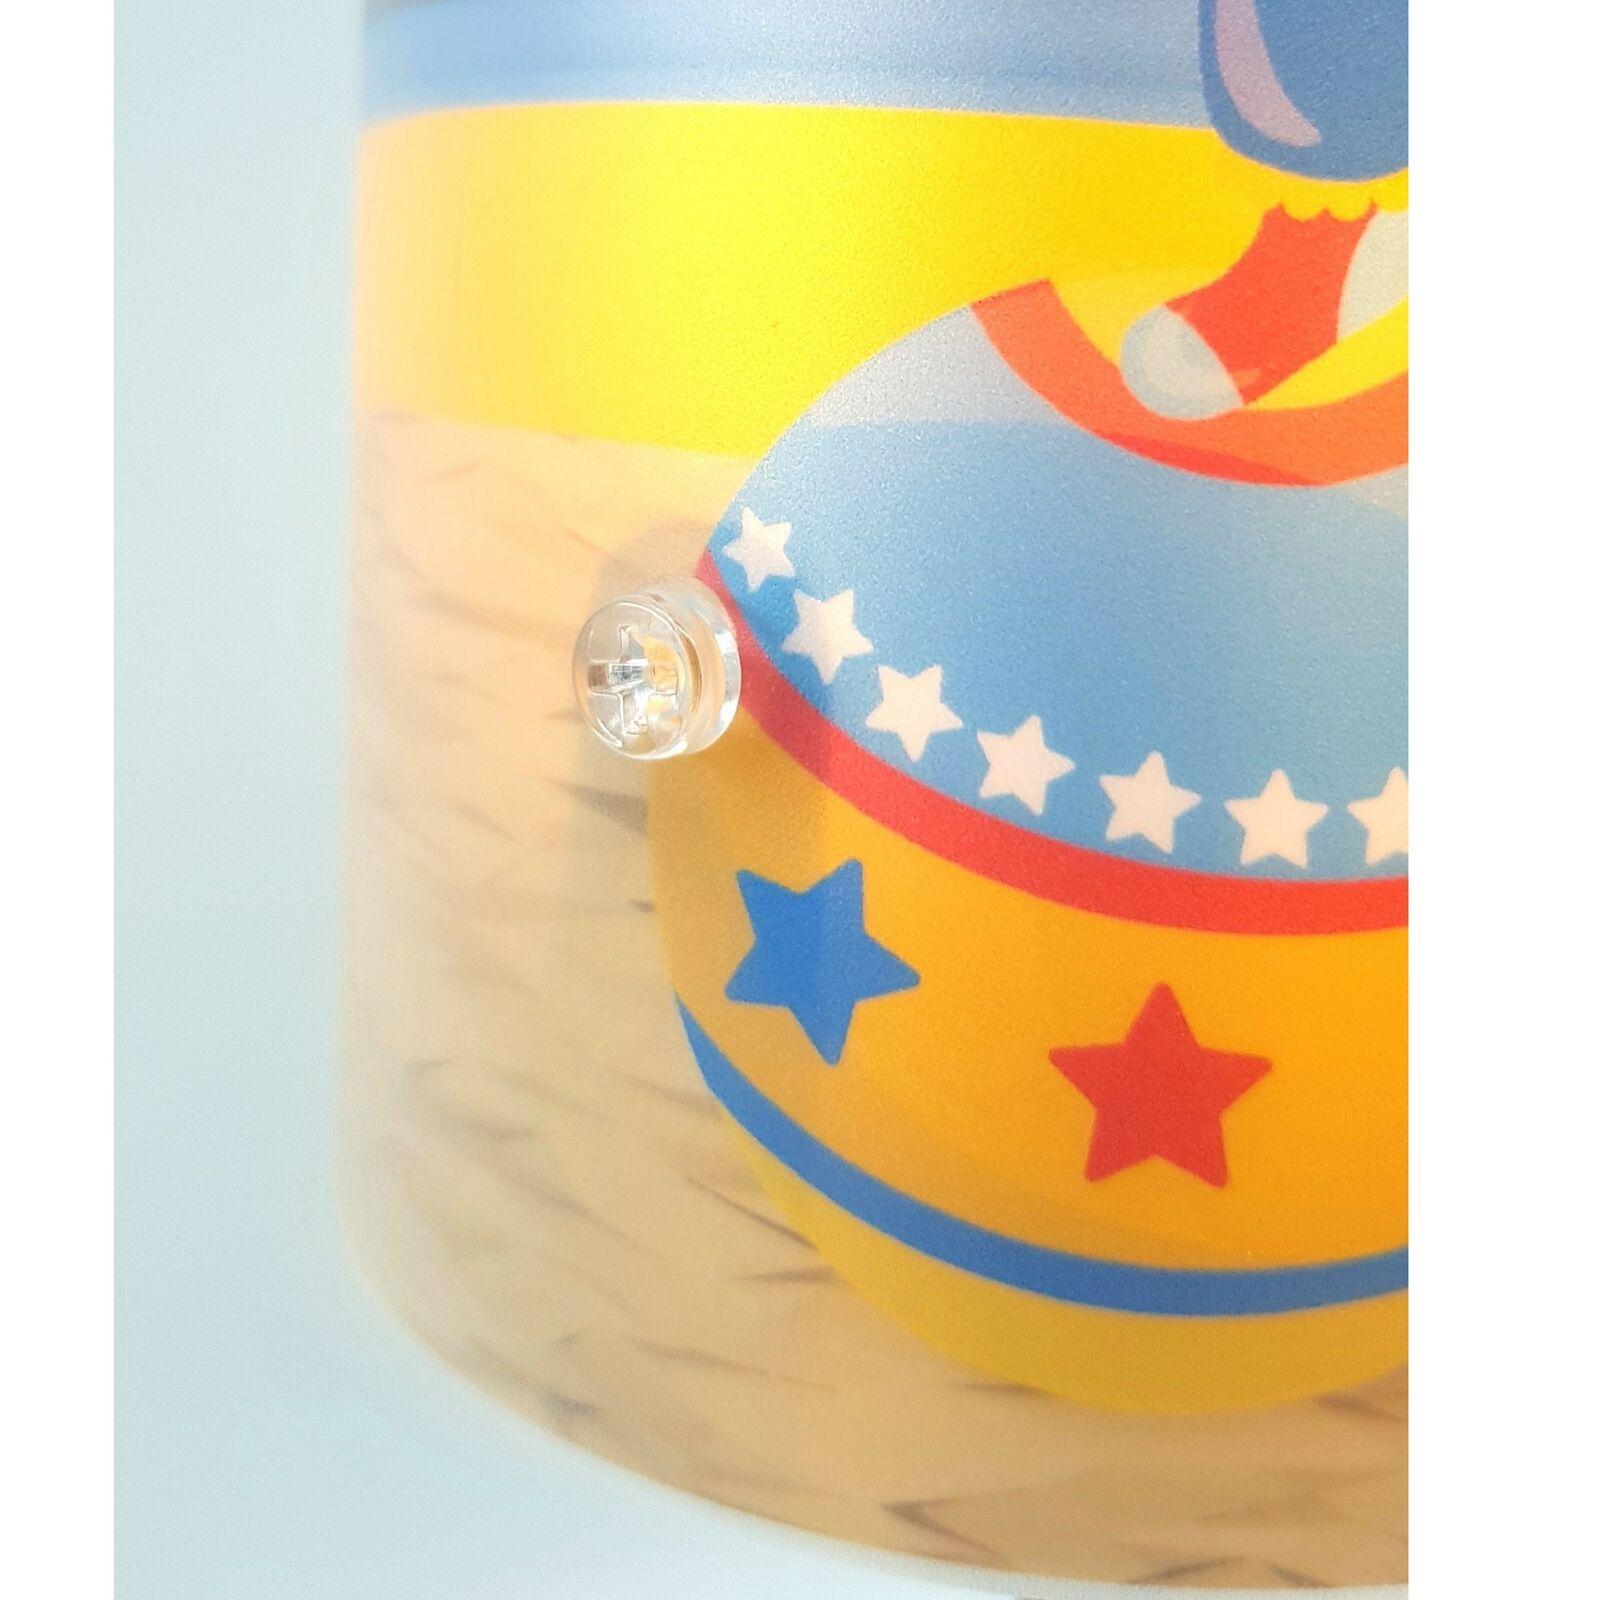 Kinderzimmer Leuchte Tischleuchte Nachttischlampe personalisiert  Pferd